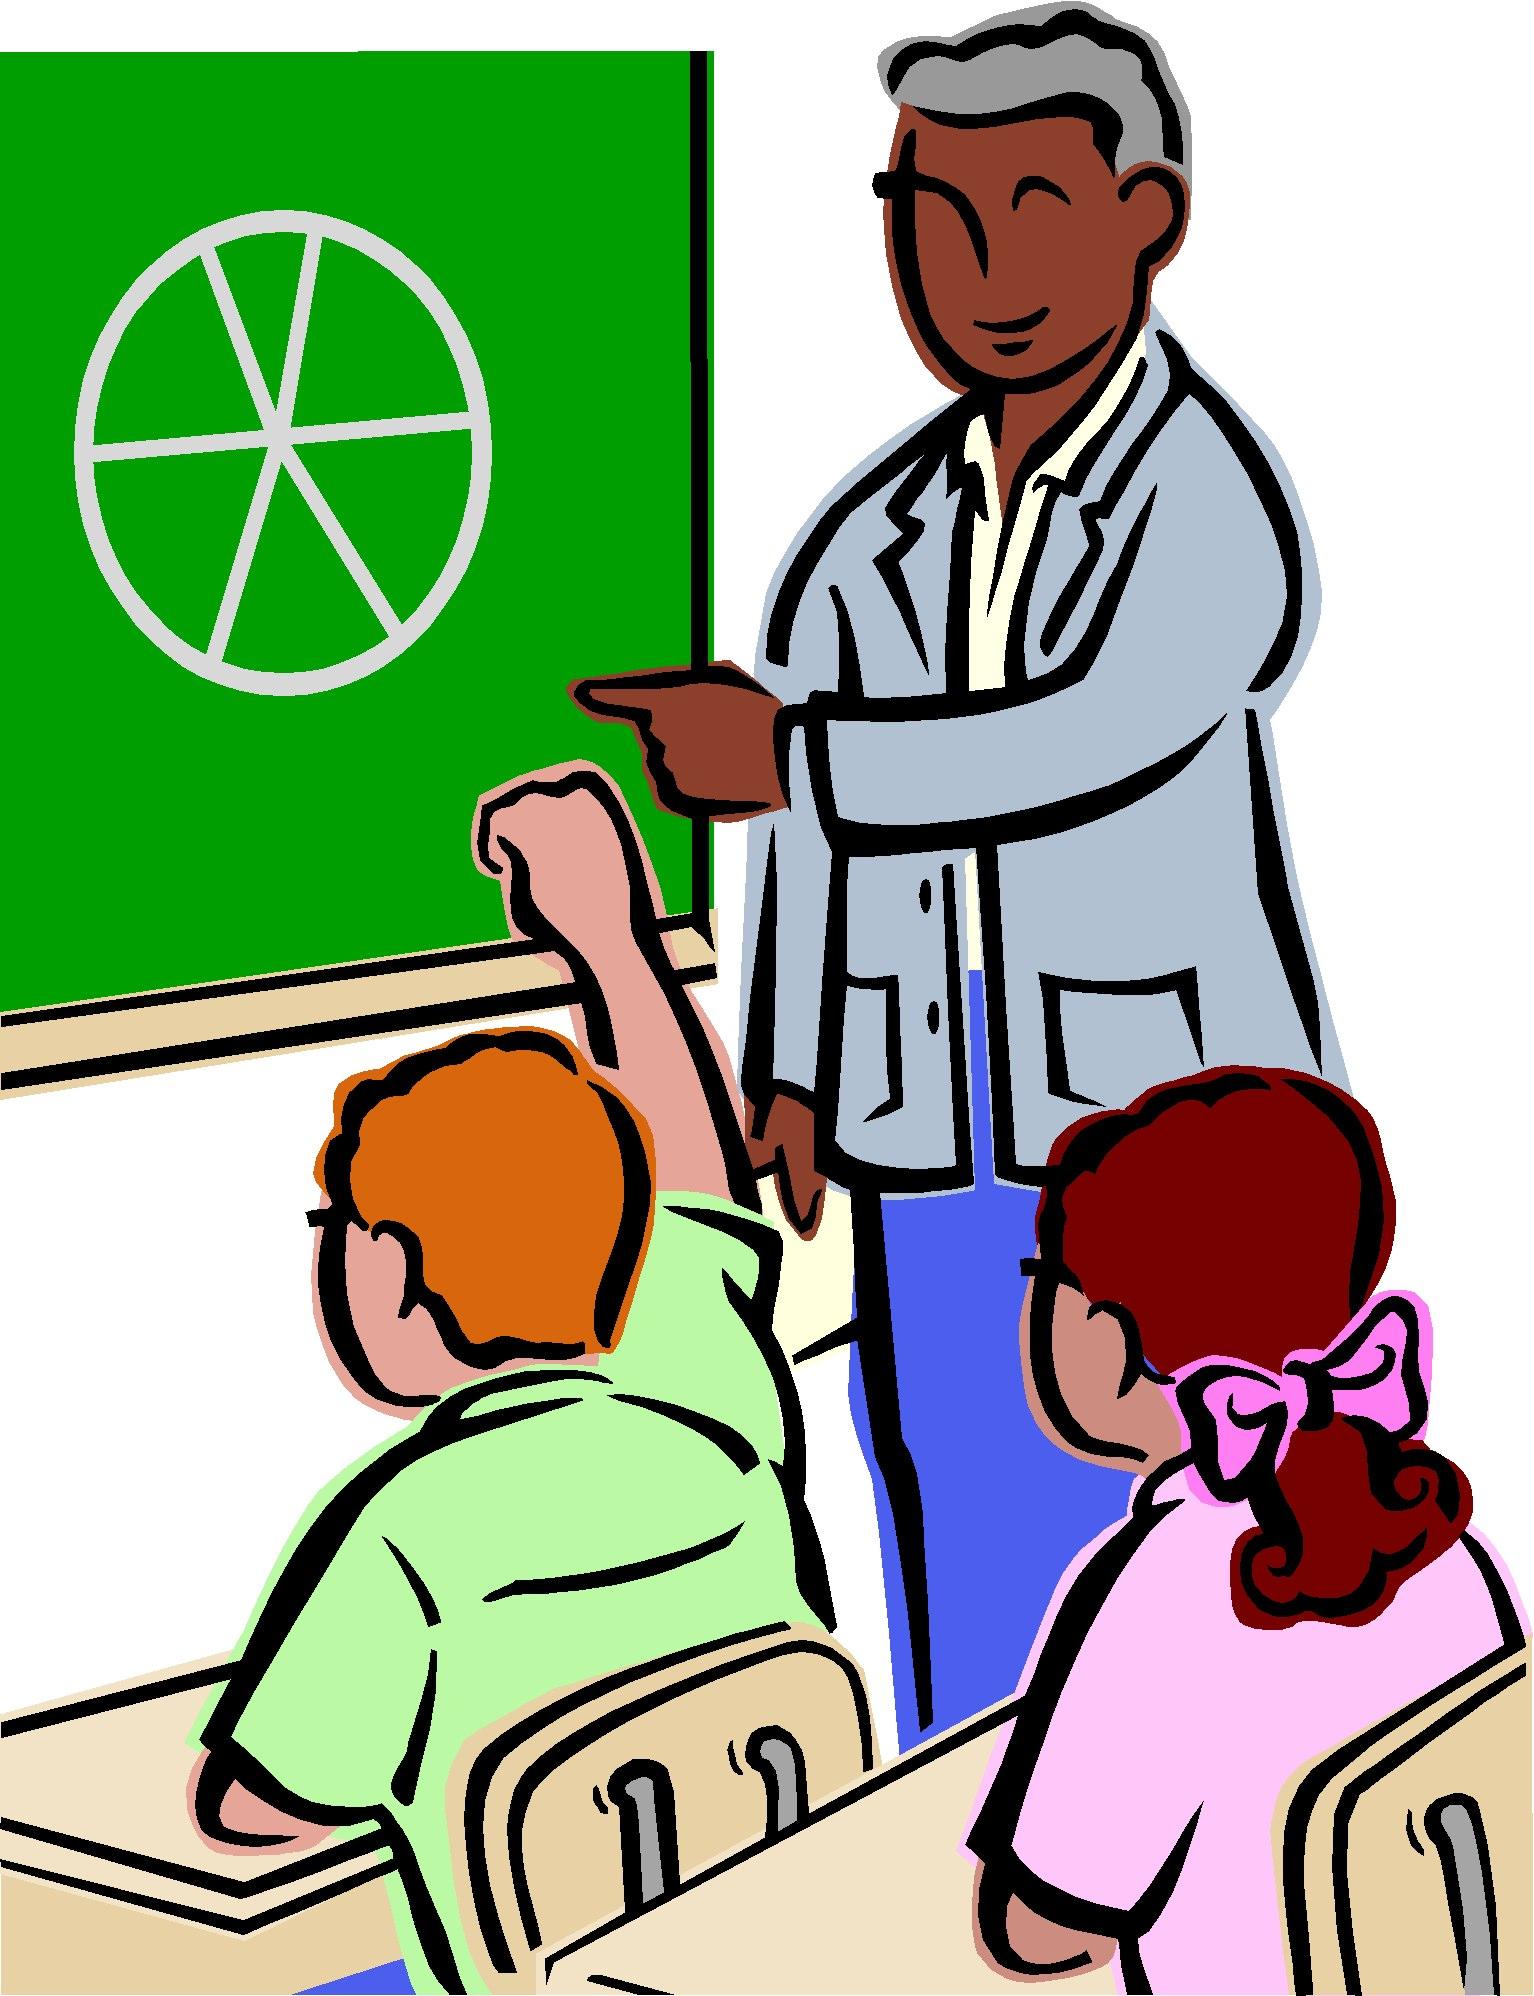 Clip Art Of Teacher - ClipArt Best (1534 x 1996 Pixel)